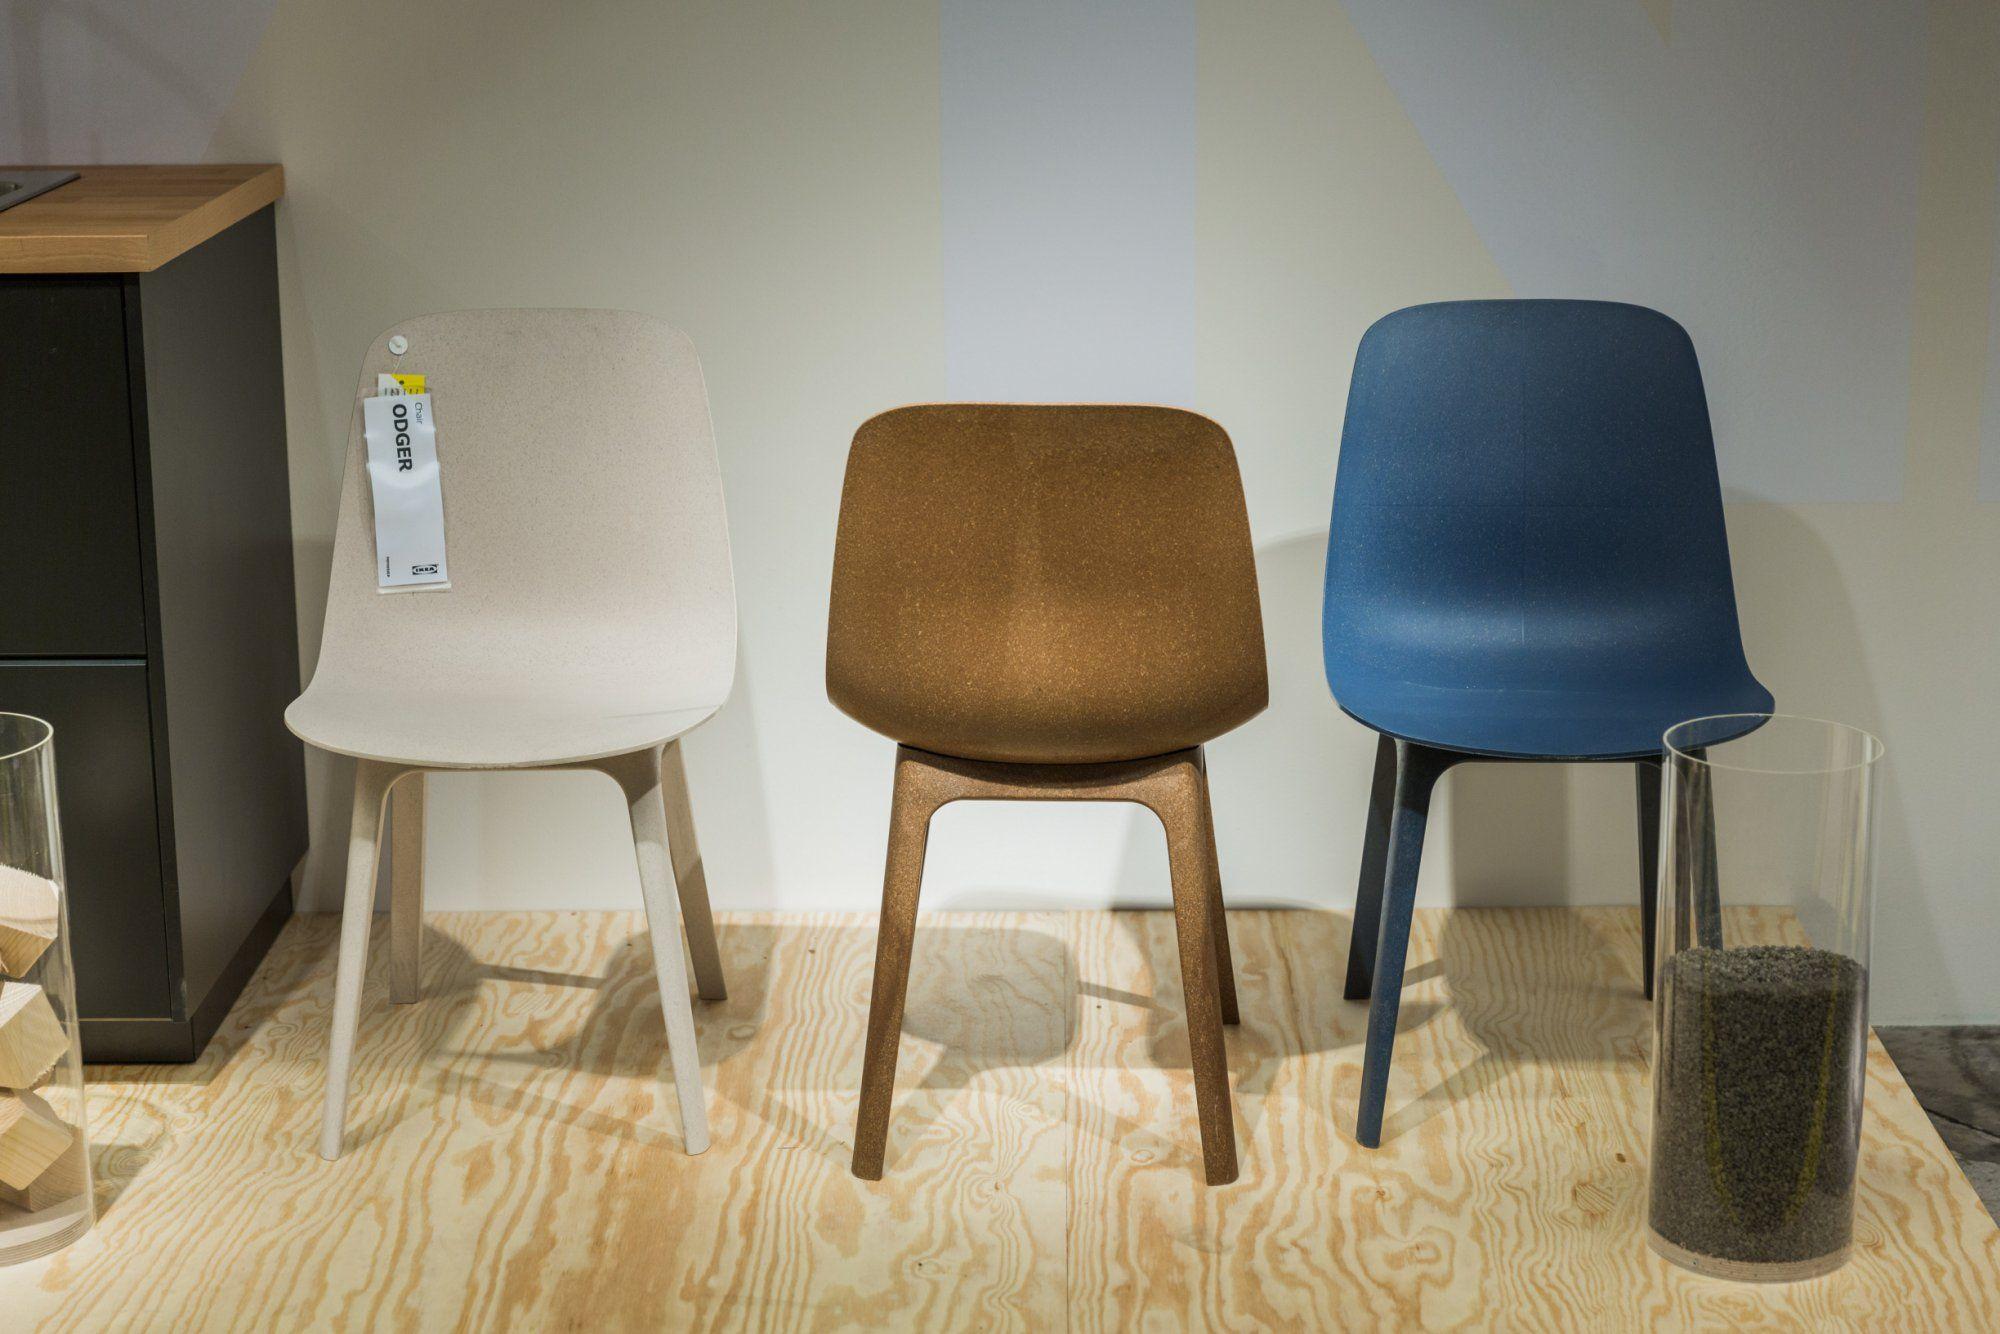 chaise en bois recycle ikea ikea